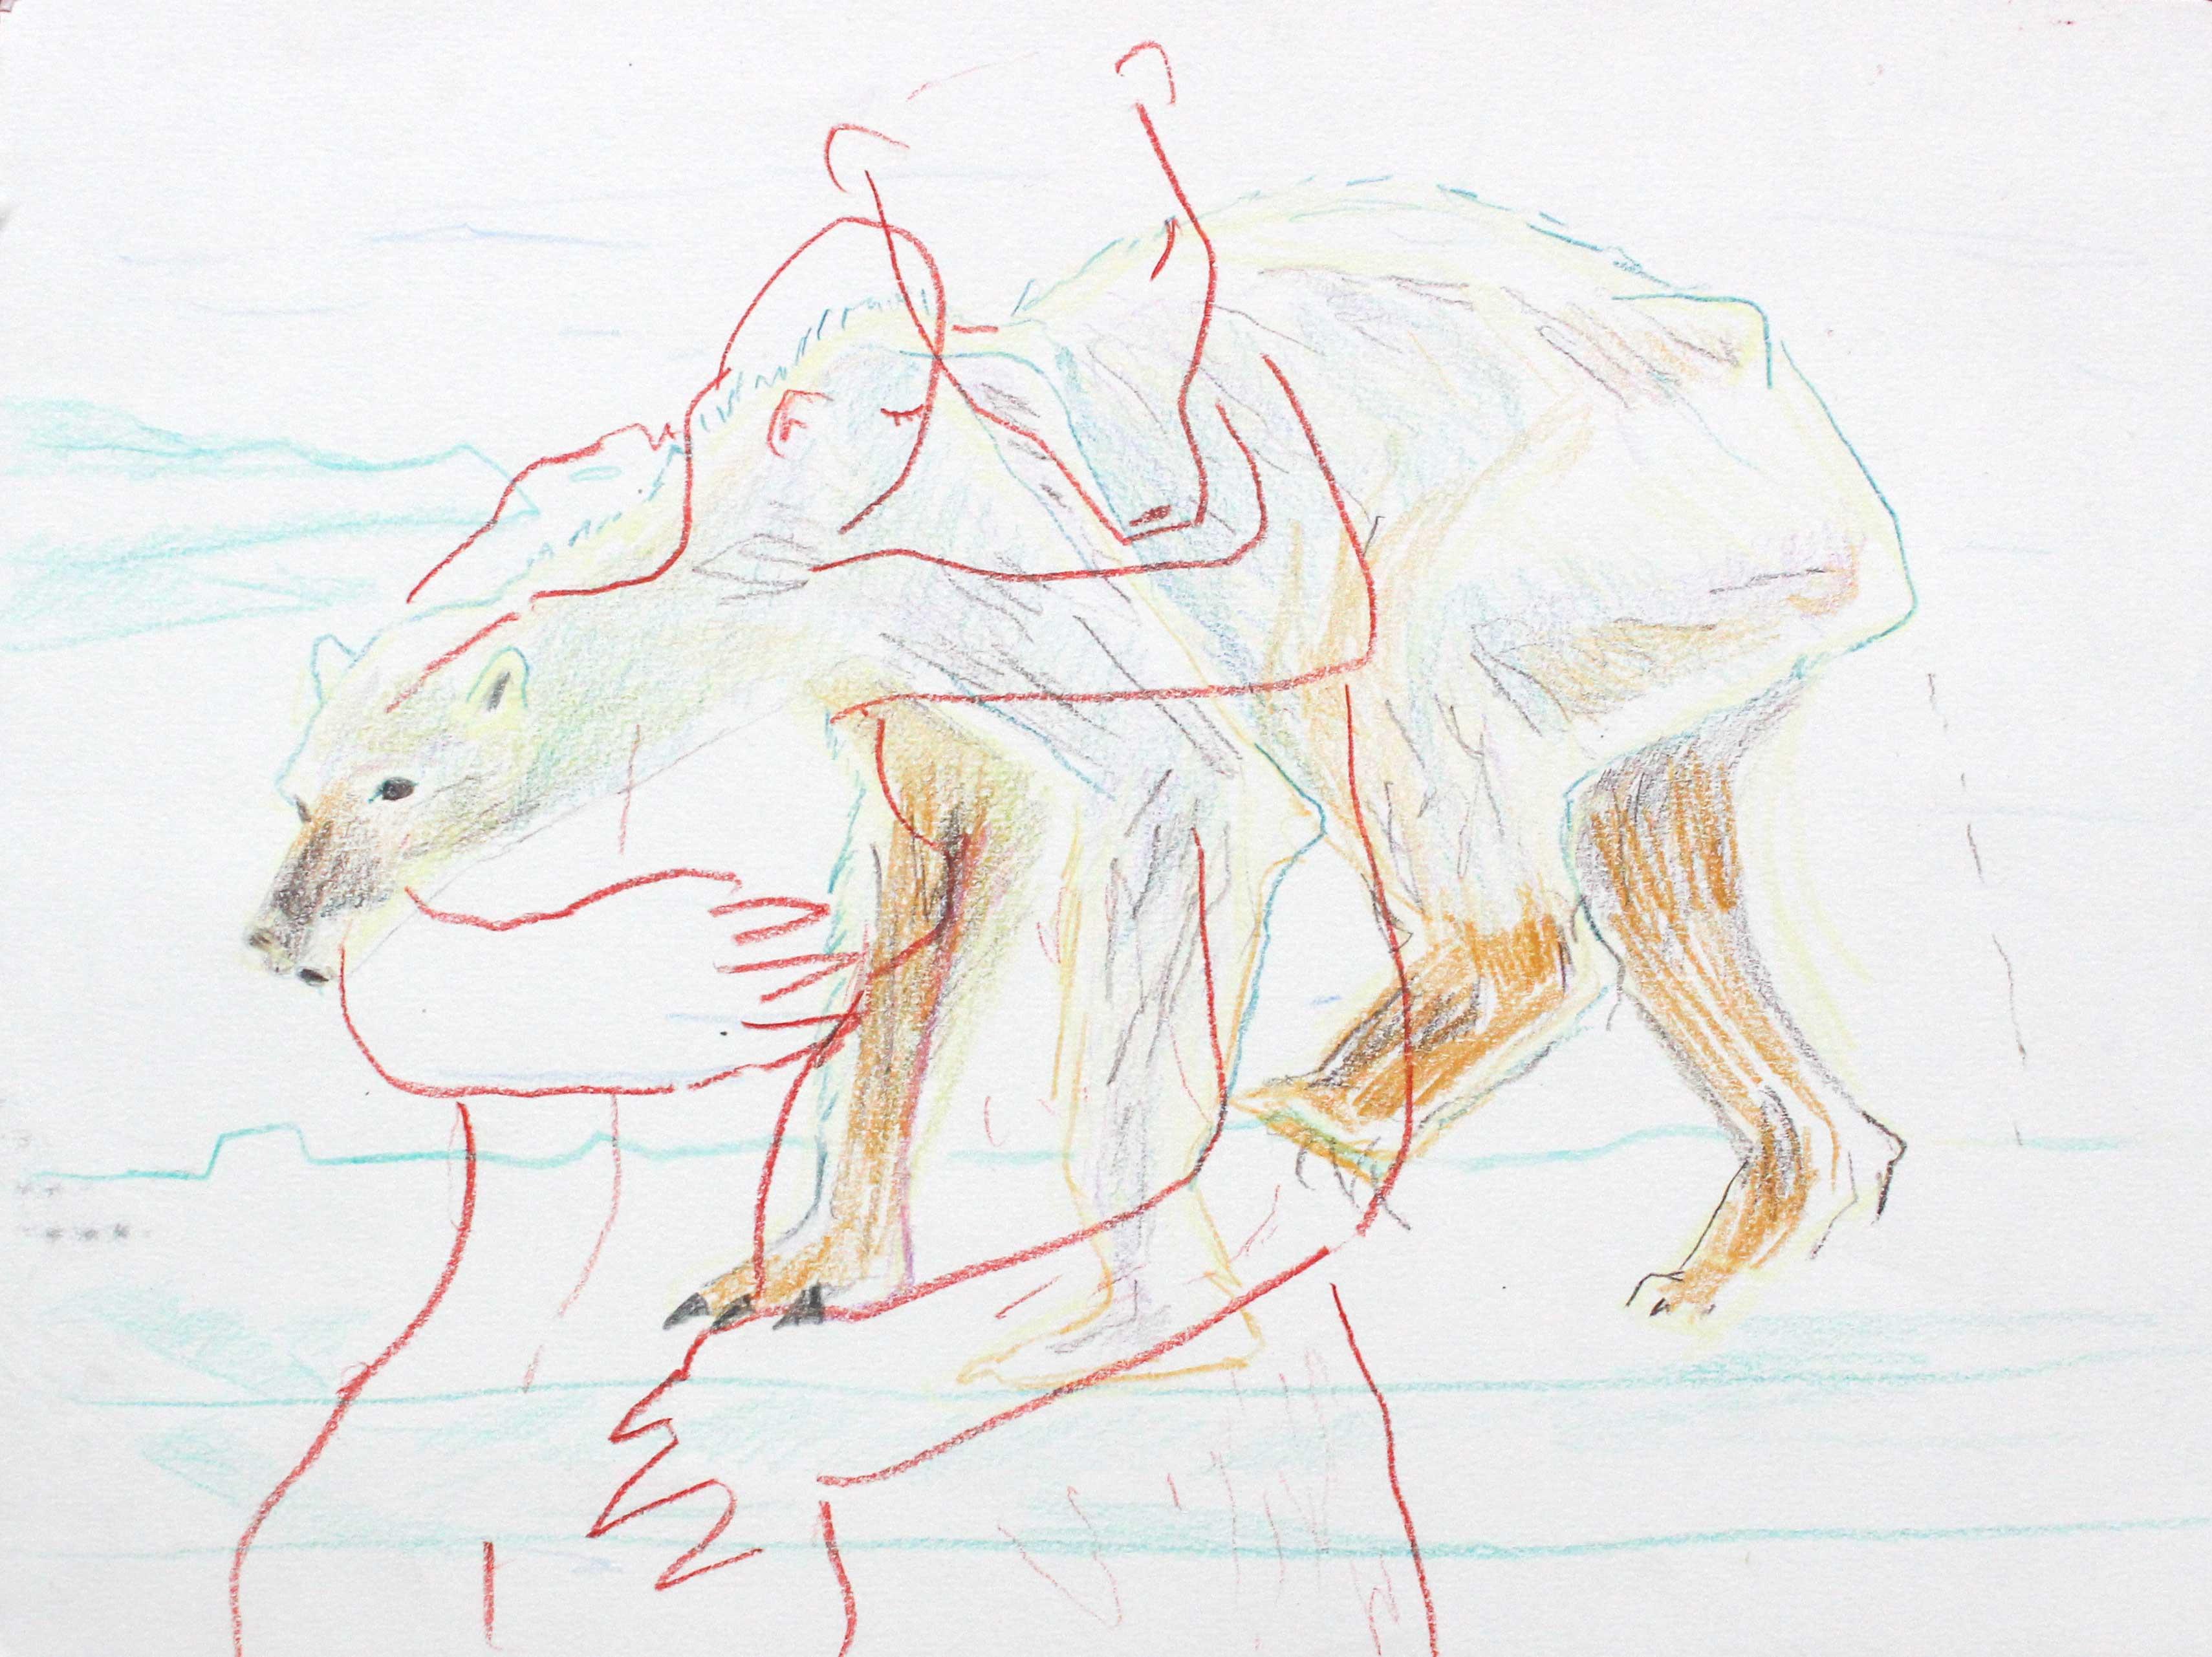 Madeleine Roger-Lacan, Je t'aime (Cet ours décharné m'a fait penser à toi), 2017, coloured pencil on paper, 21 x 29,7 cm